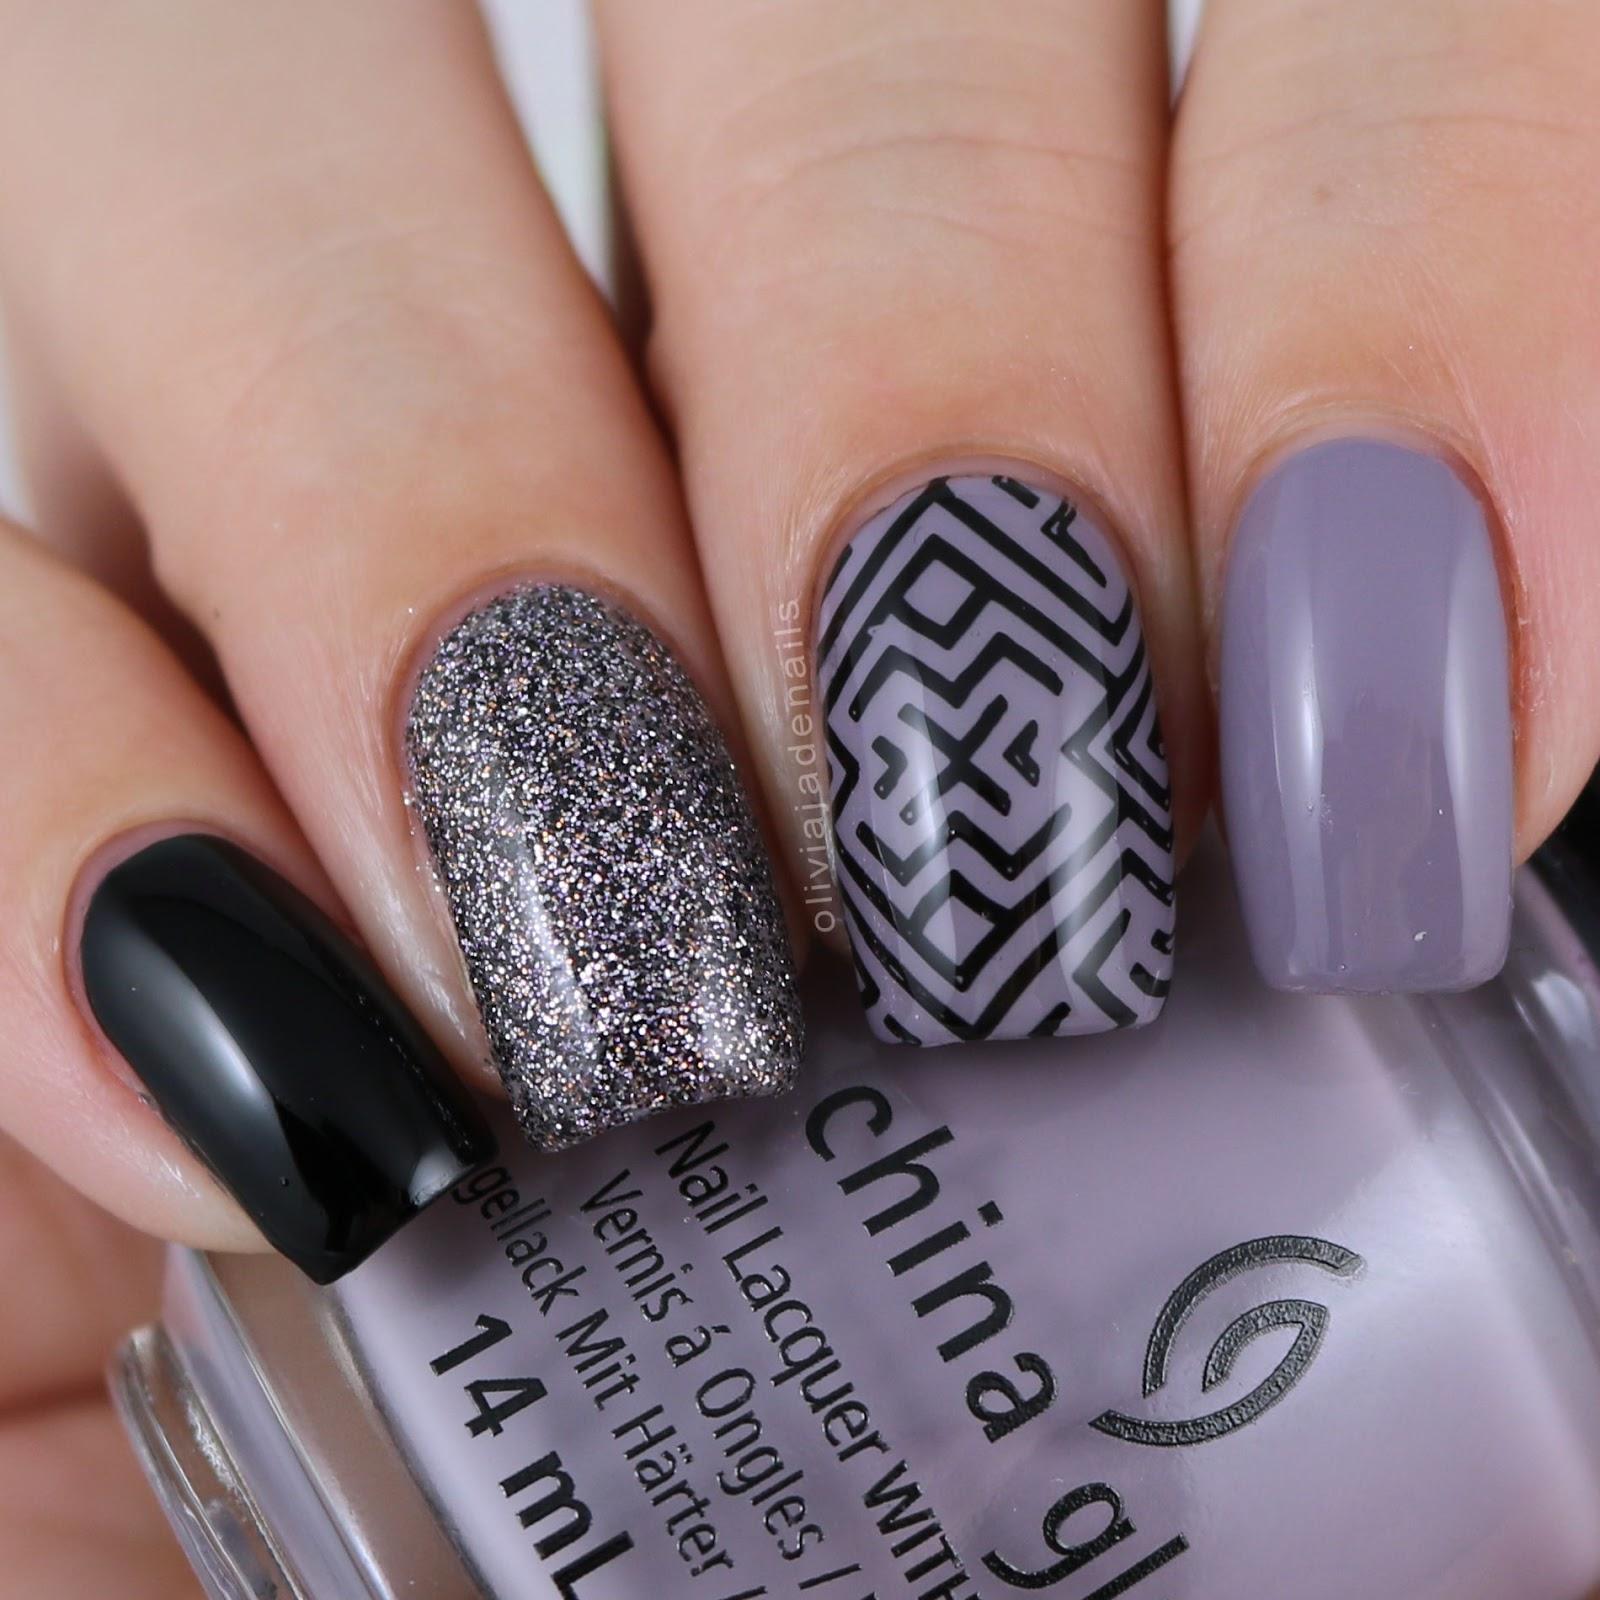 Pro fashion nails west babylon